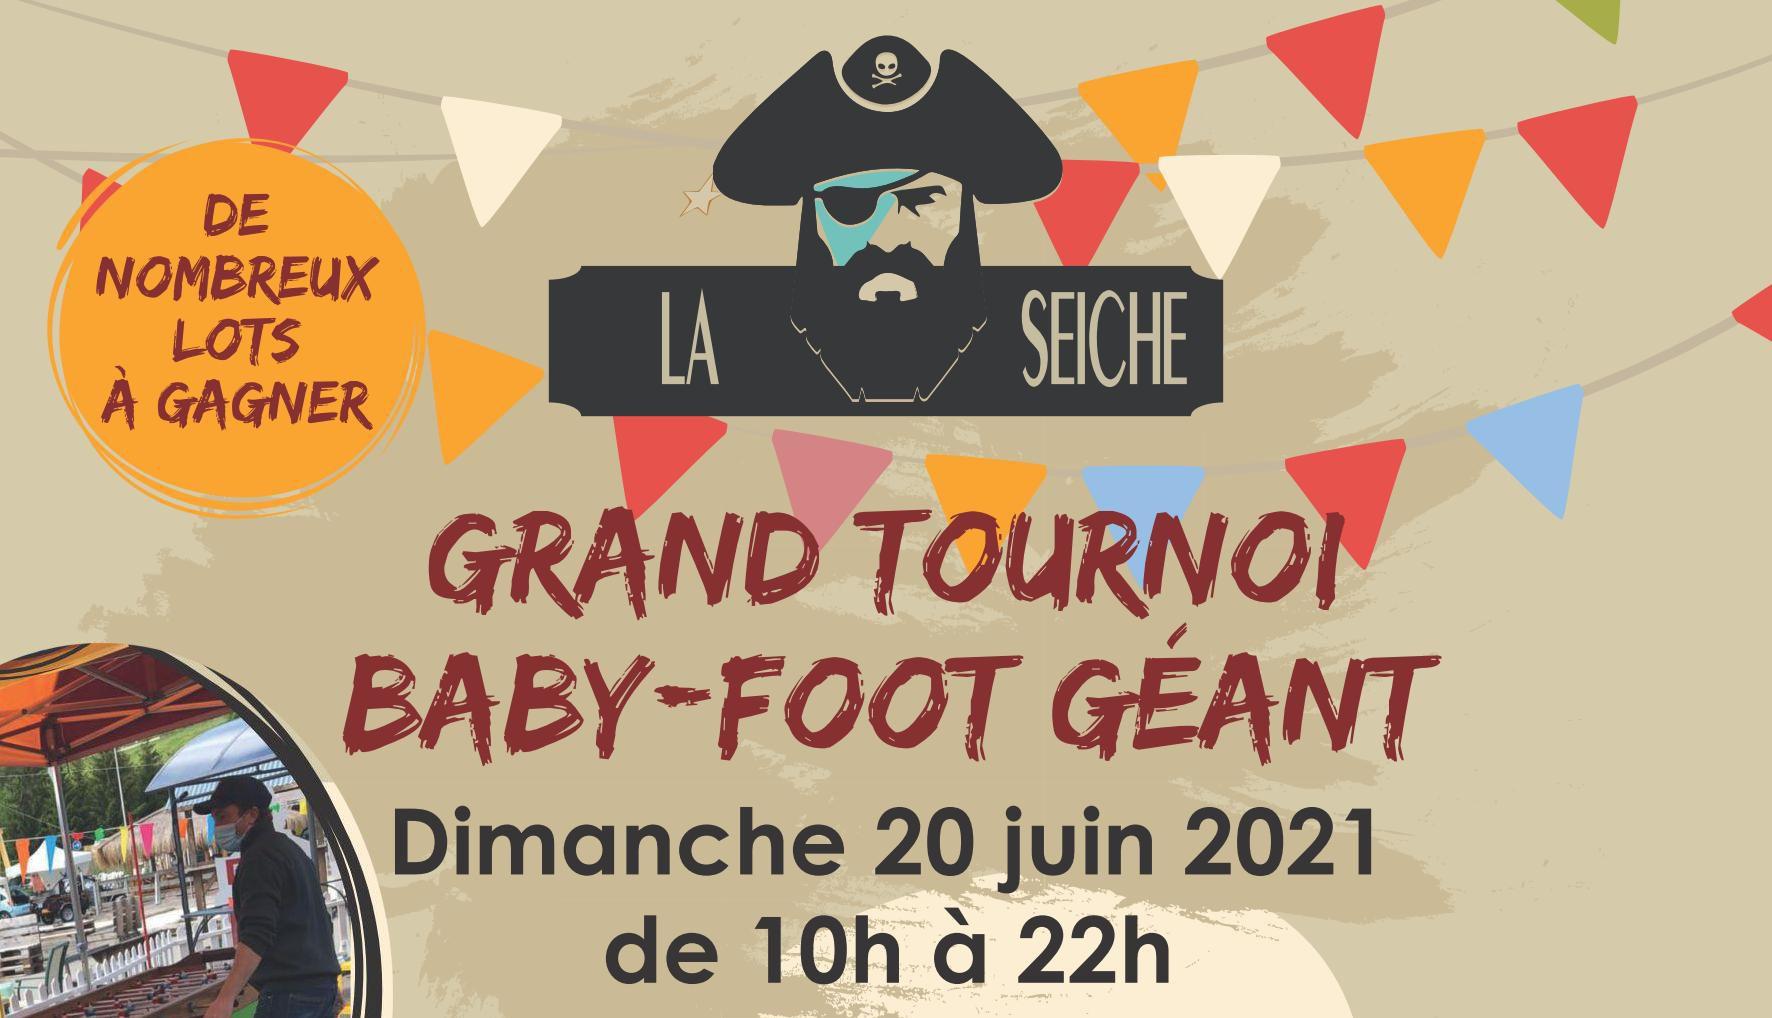 Grand tournoi baby foot géant. La Seiche à Sevrier. 20 juin 2021 - annonce